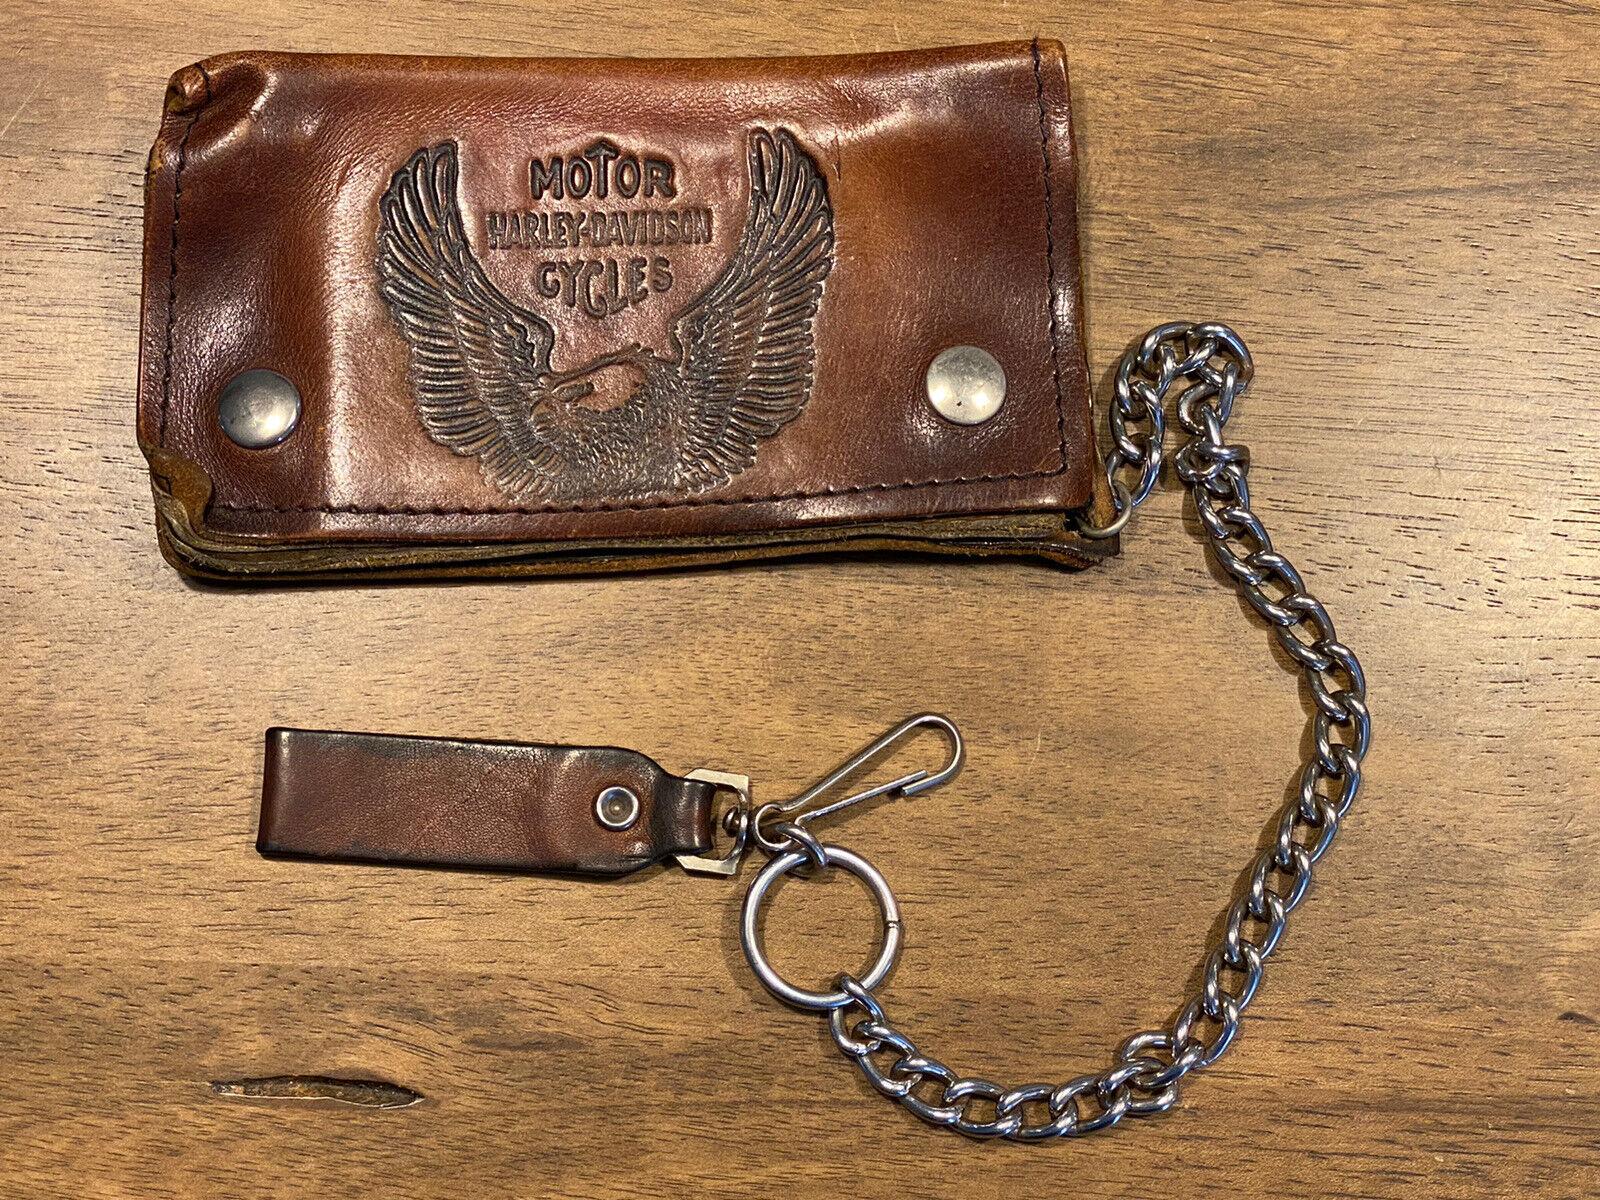 Vintage 1970s Harley Davidson Chain Wallet Brown Leather Trucker Biker